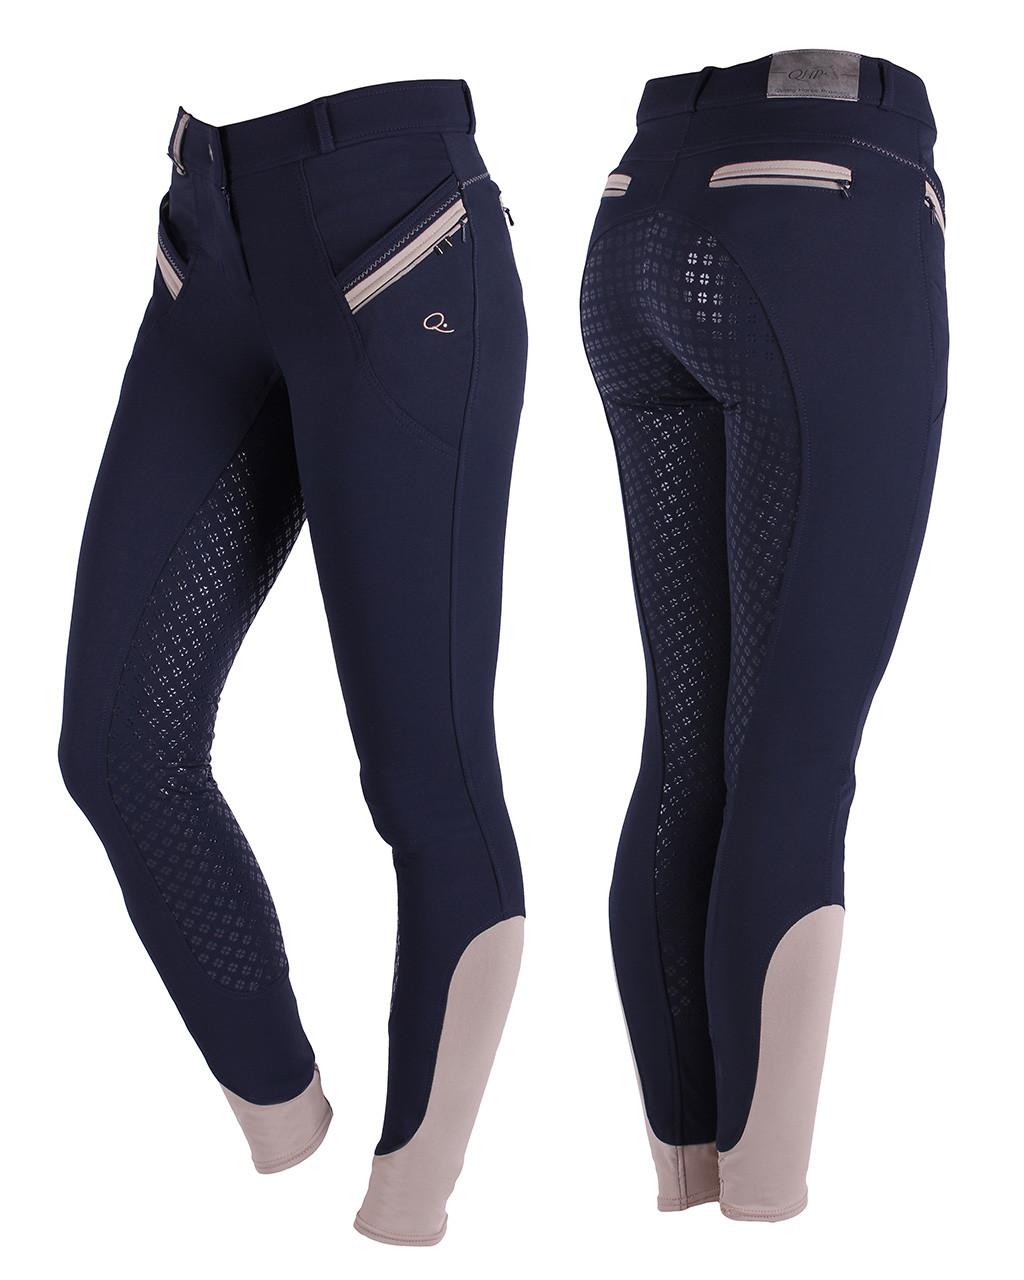 QHP Rijbroek Bliss anti-slip zitvlak donkerblauw maat:46